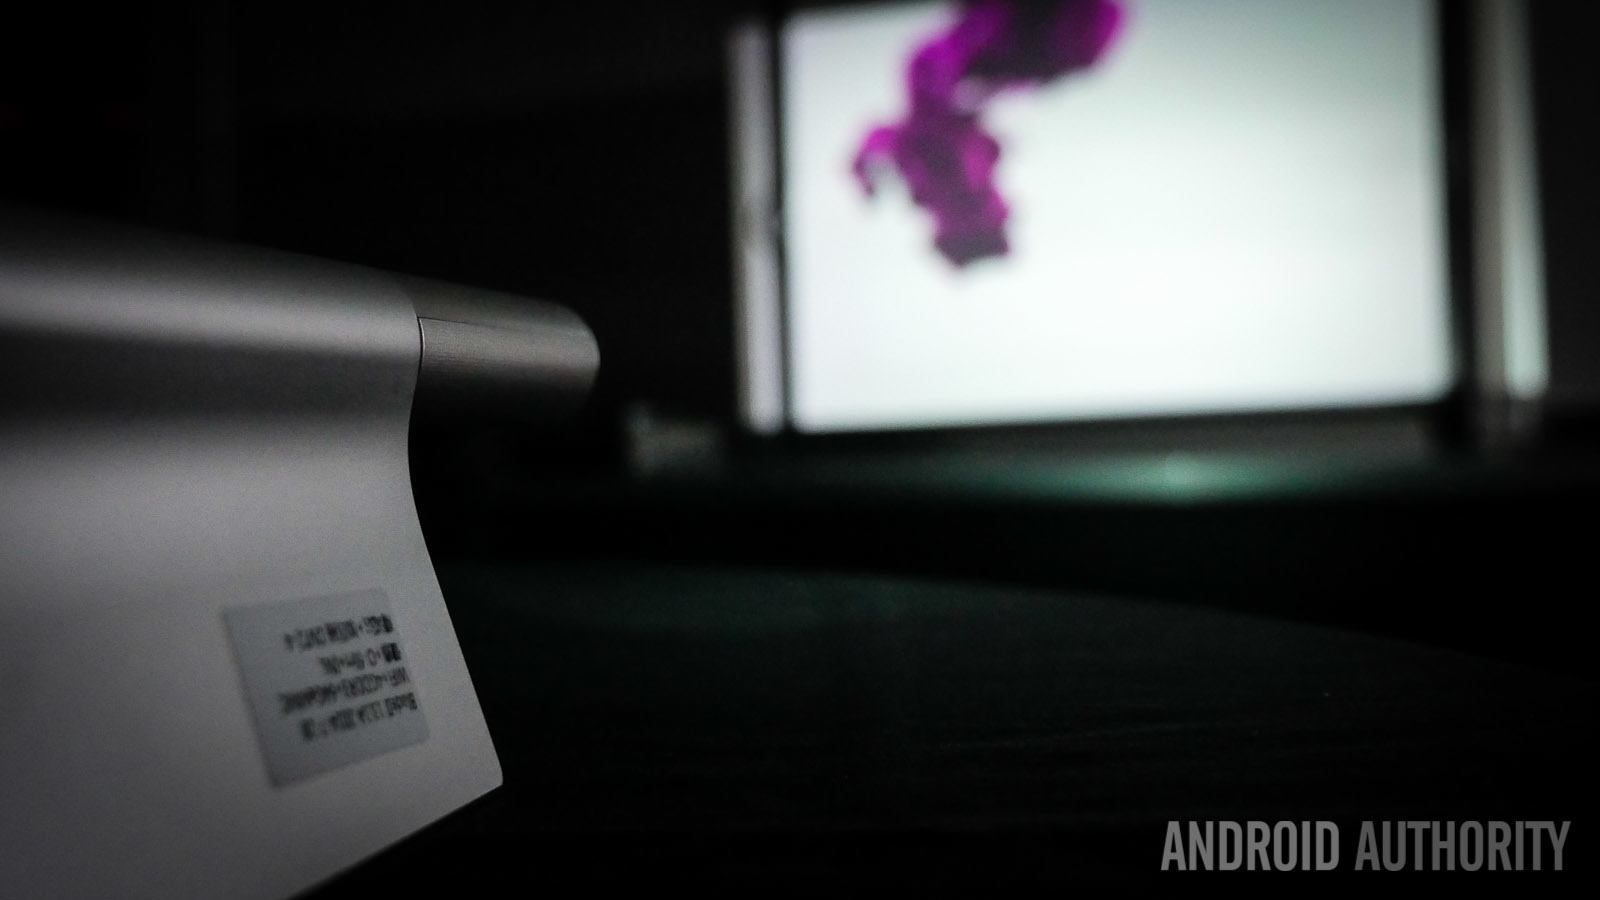 Salient Yoga Tablet Pro A Yoga Tablet Pro A A Pico Lenovo Yoga 2 Pro 20266 I7 Specs Lenovo Yoga 2 Pro Specs Pdf dpreview Lenovo Yoga 2 Pro Specs